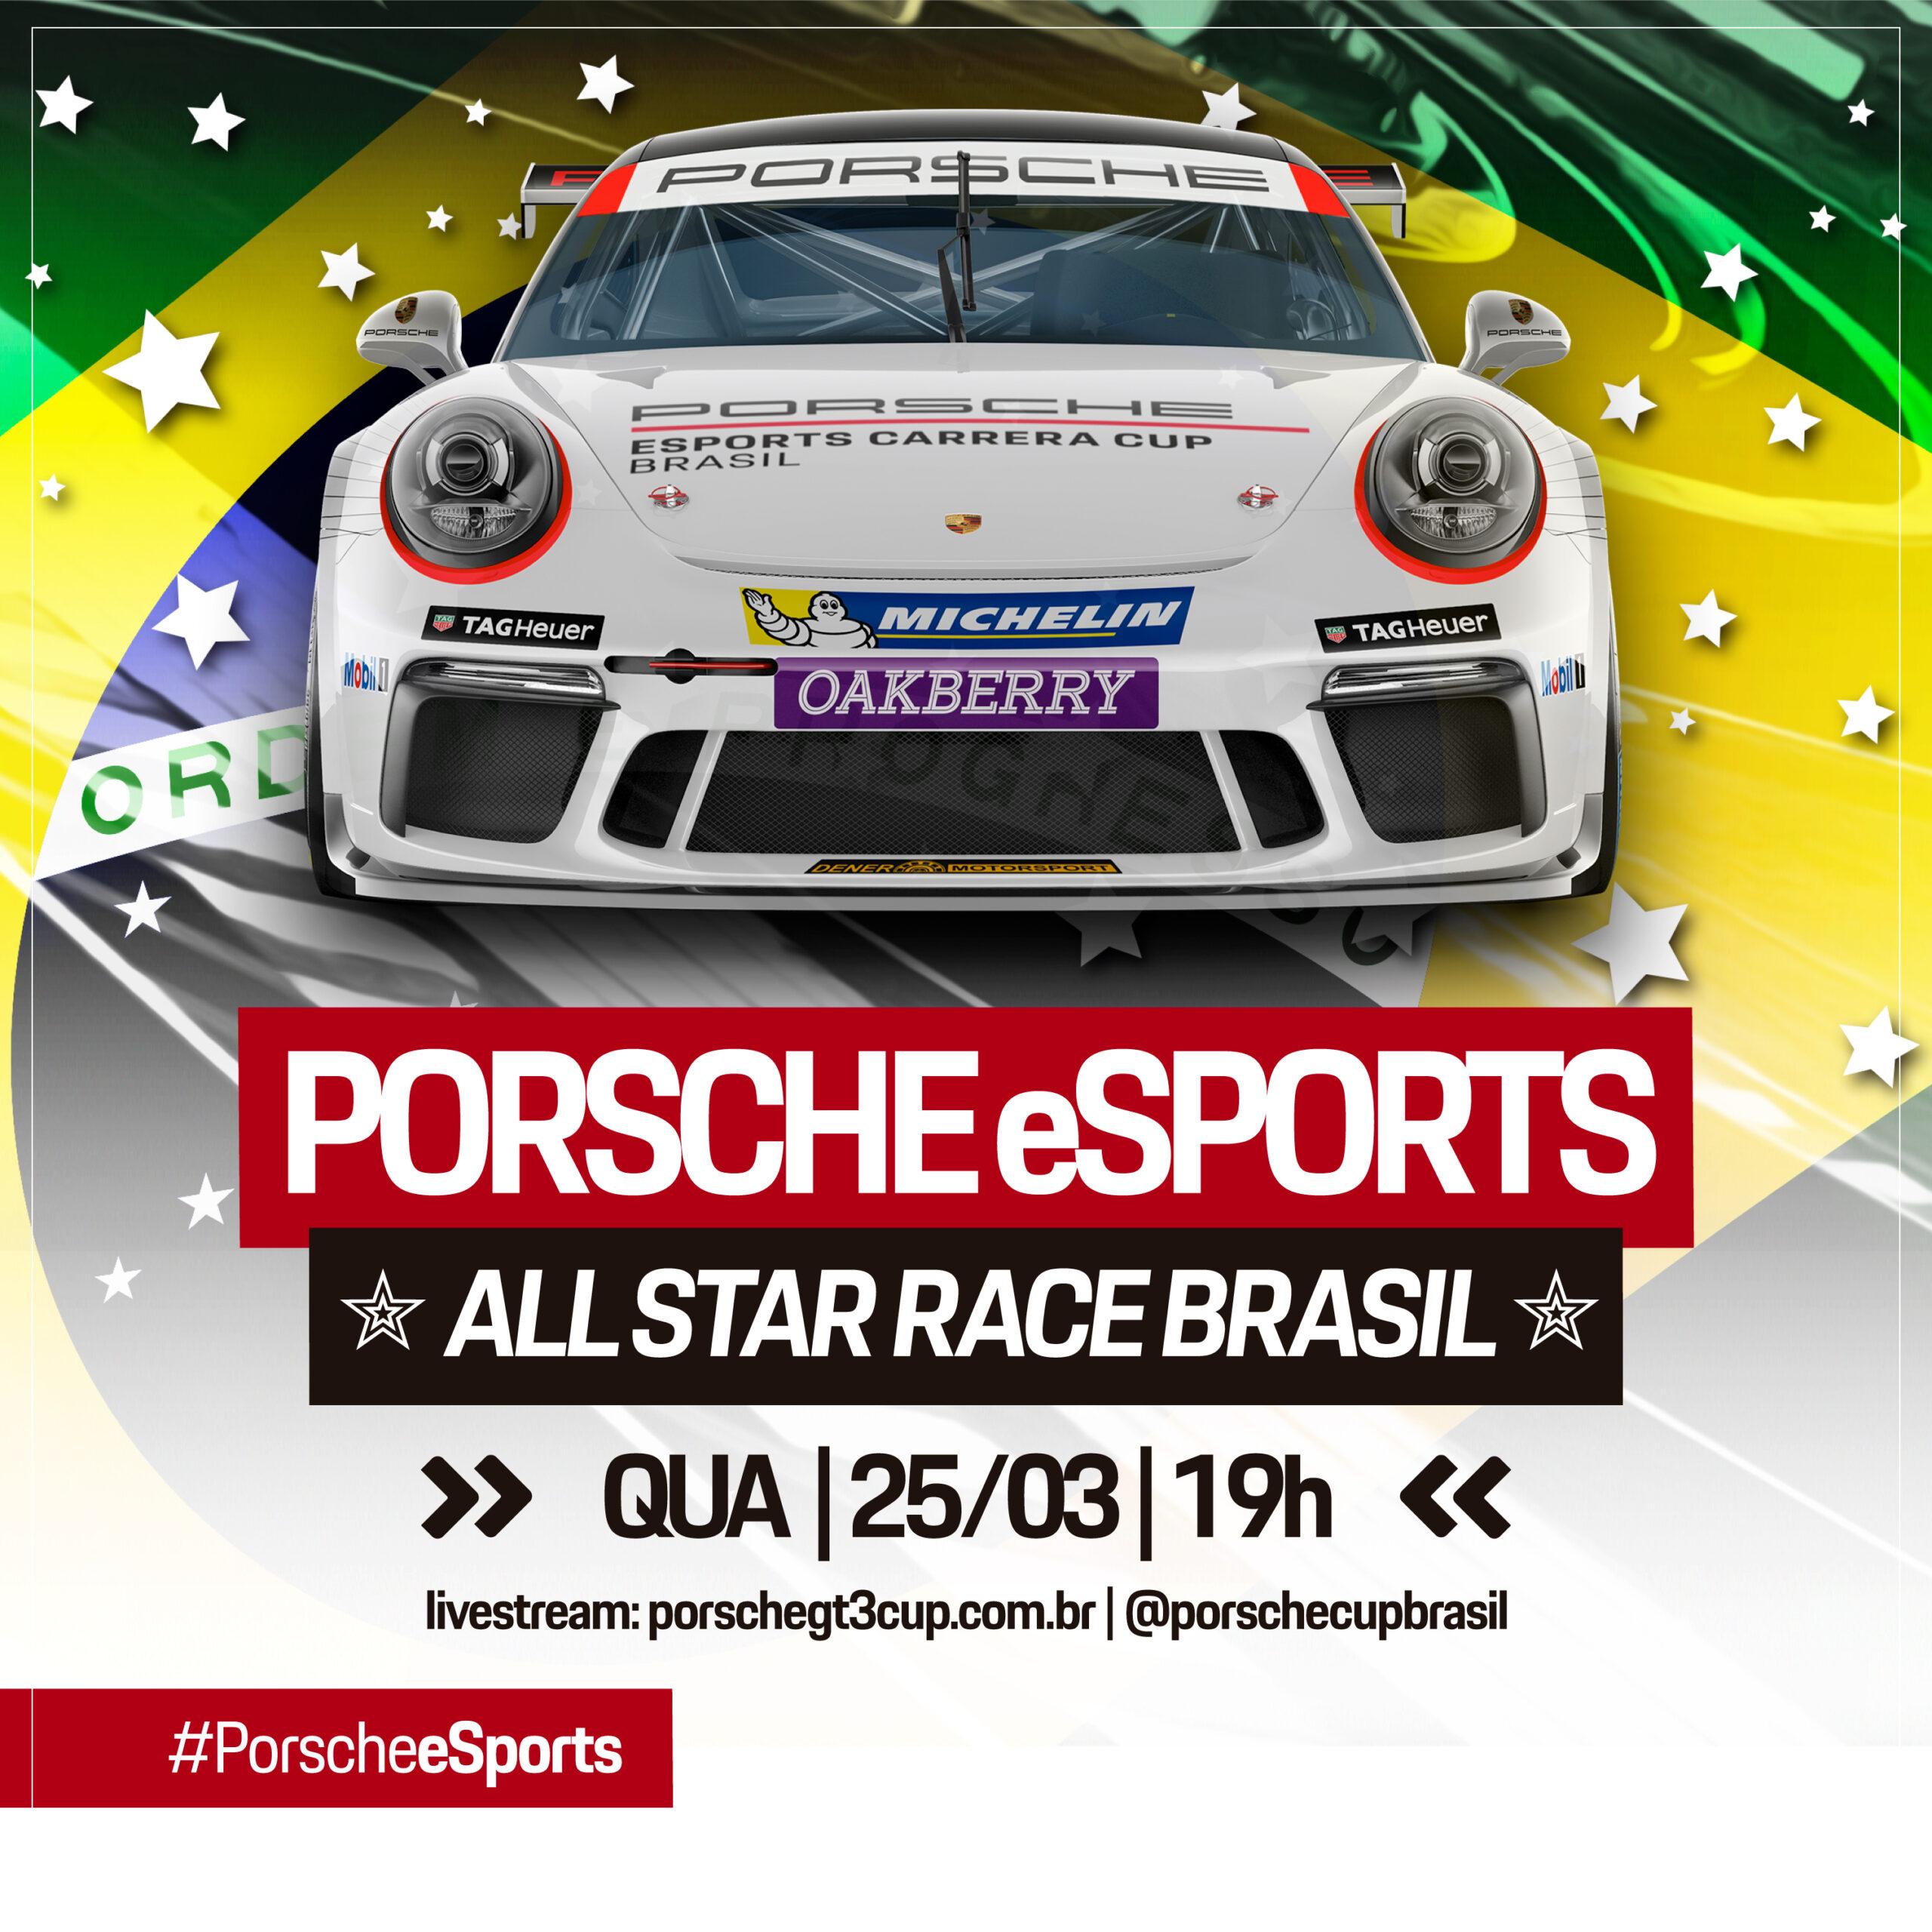 eSports | Porsche Cup e Porsche Brasil promoverá a Corrida das Estrelas